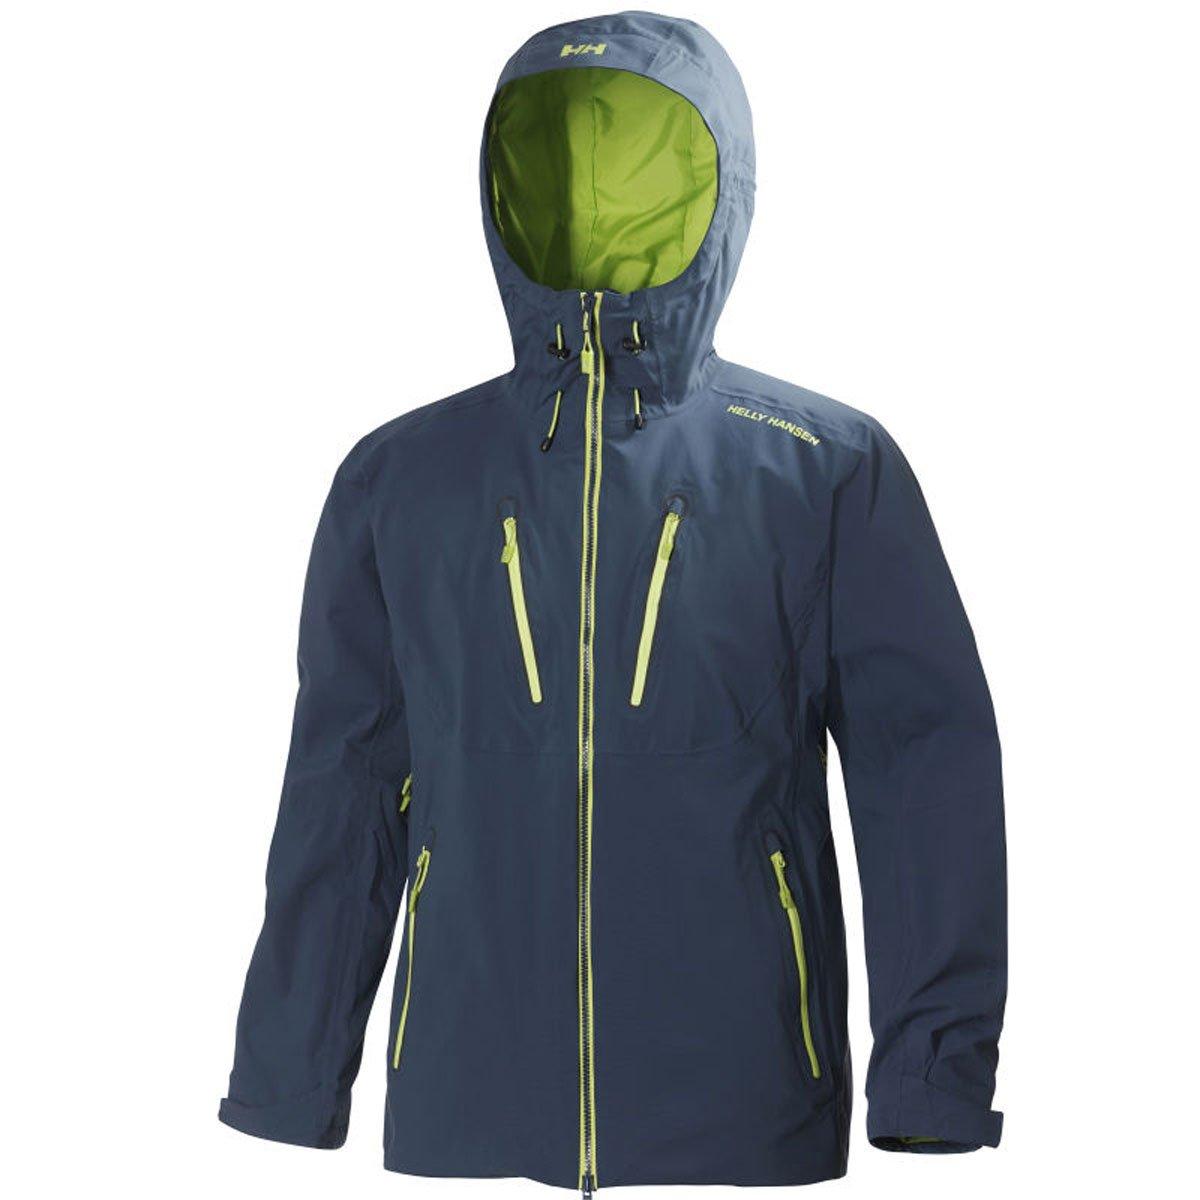 Helly Hansen Odin H2Flow Jacket